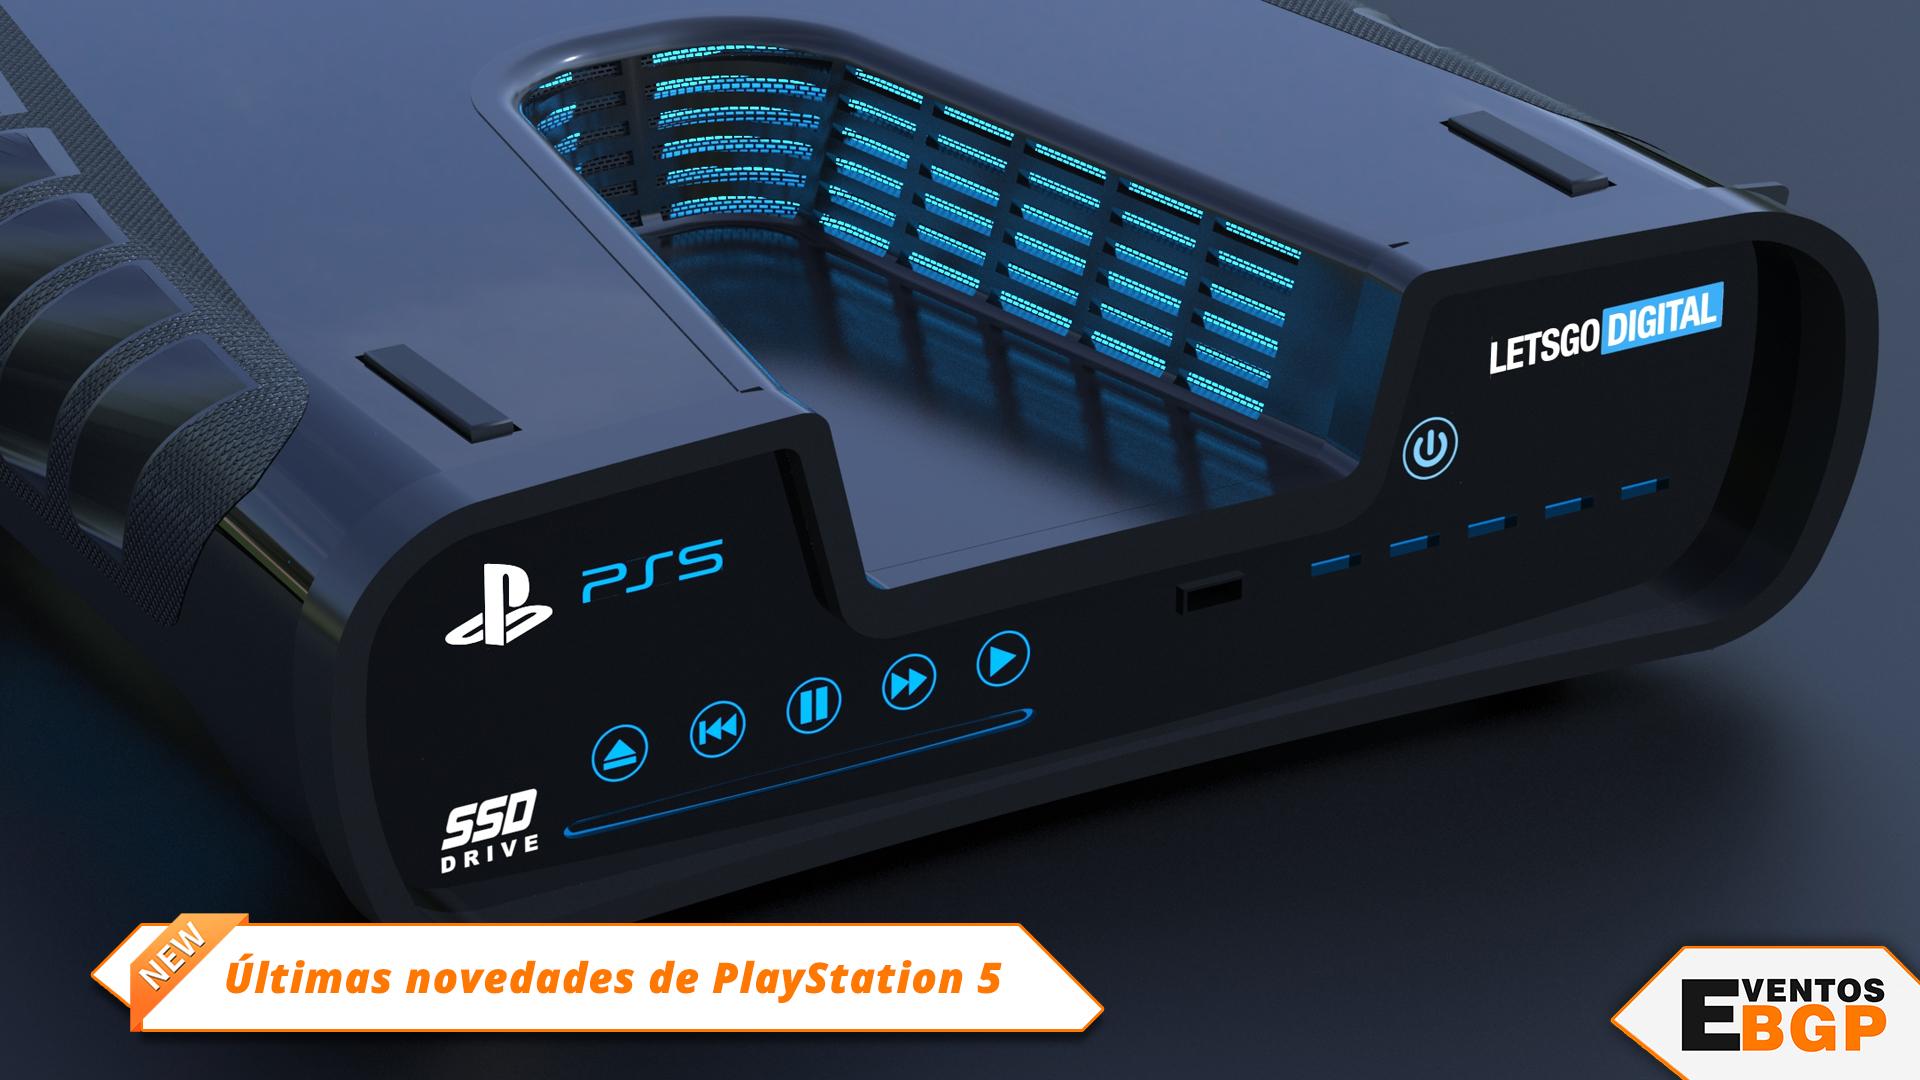 Últimas novedades de PlayStation 5